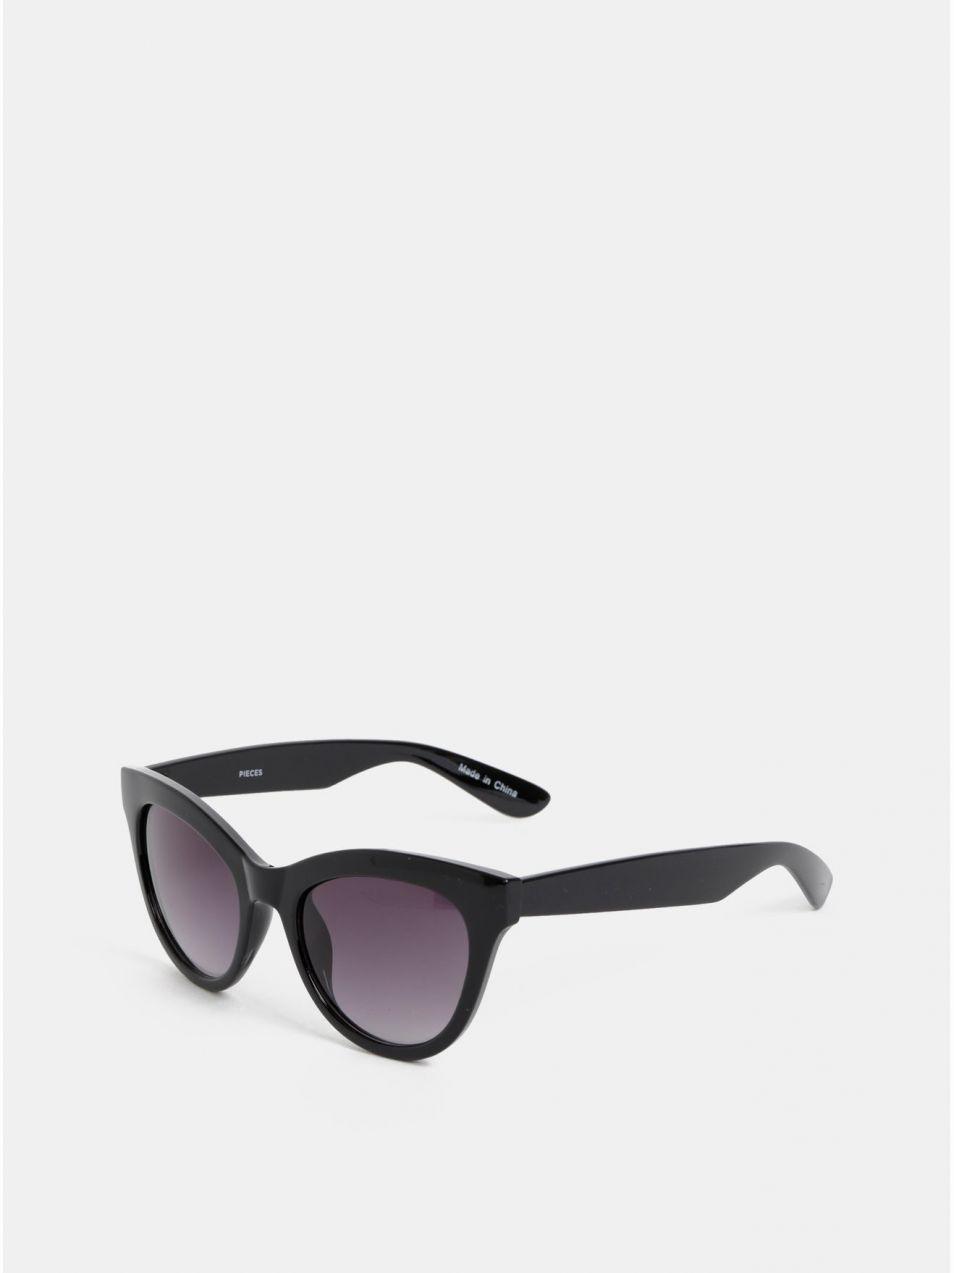 35a6f102d Čierne slnečné okuliare Pieces Stella značky Pieces - Lovely.sk